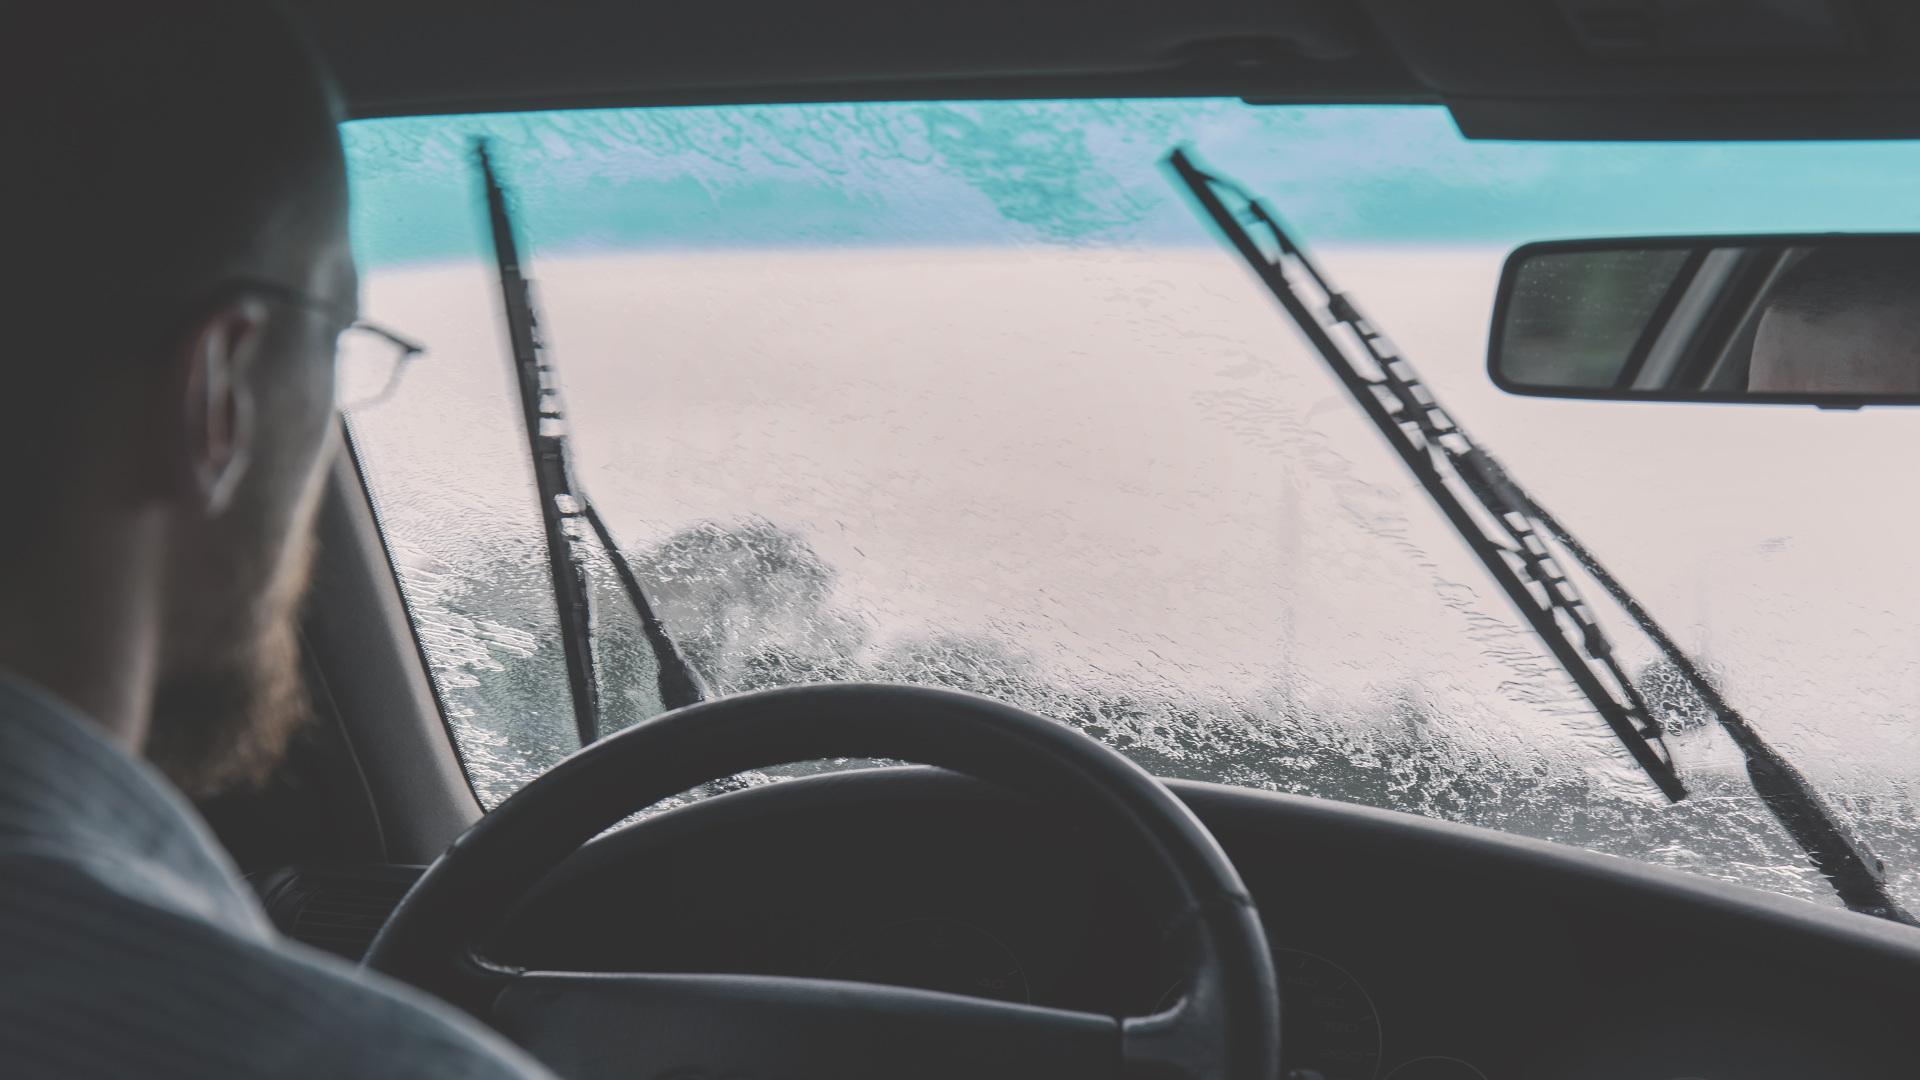 Antes de que llegue el mal tiempo revisa el parabrisas y el limpiaparabrisas1920